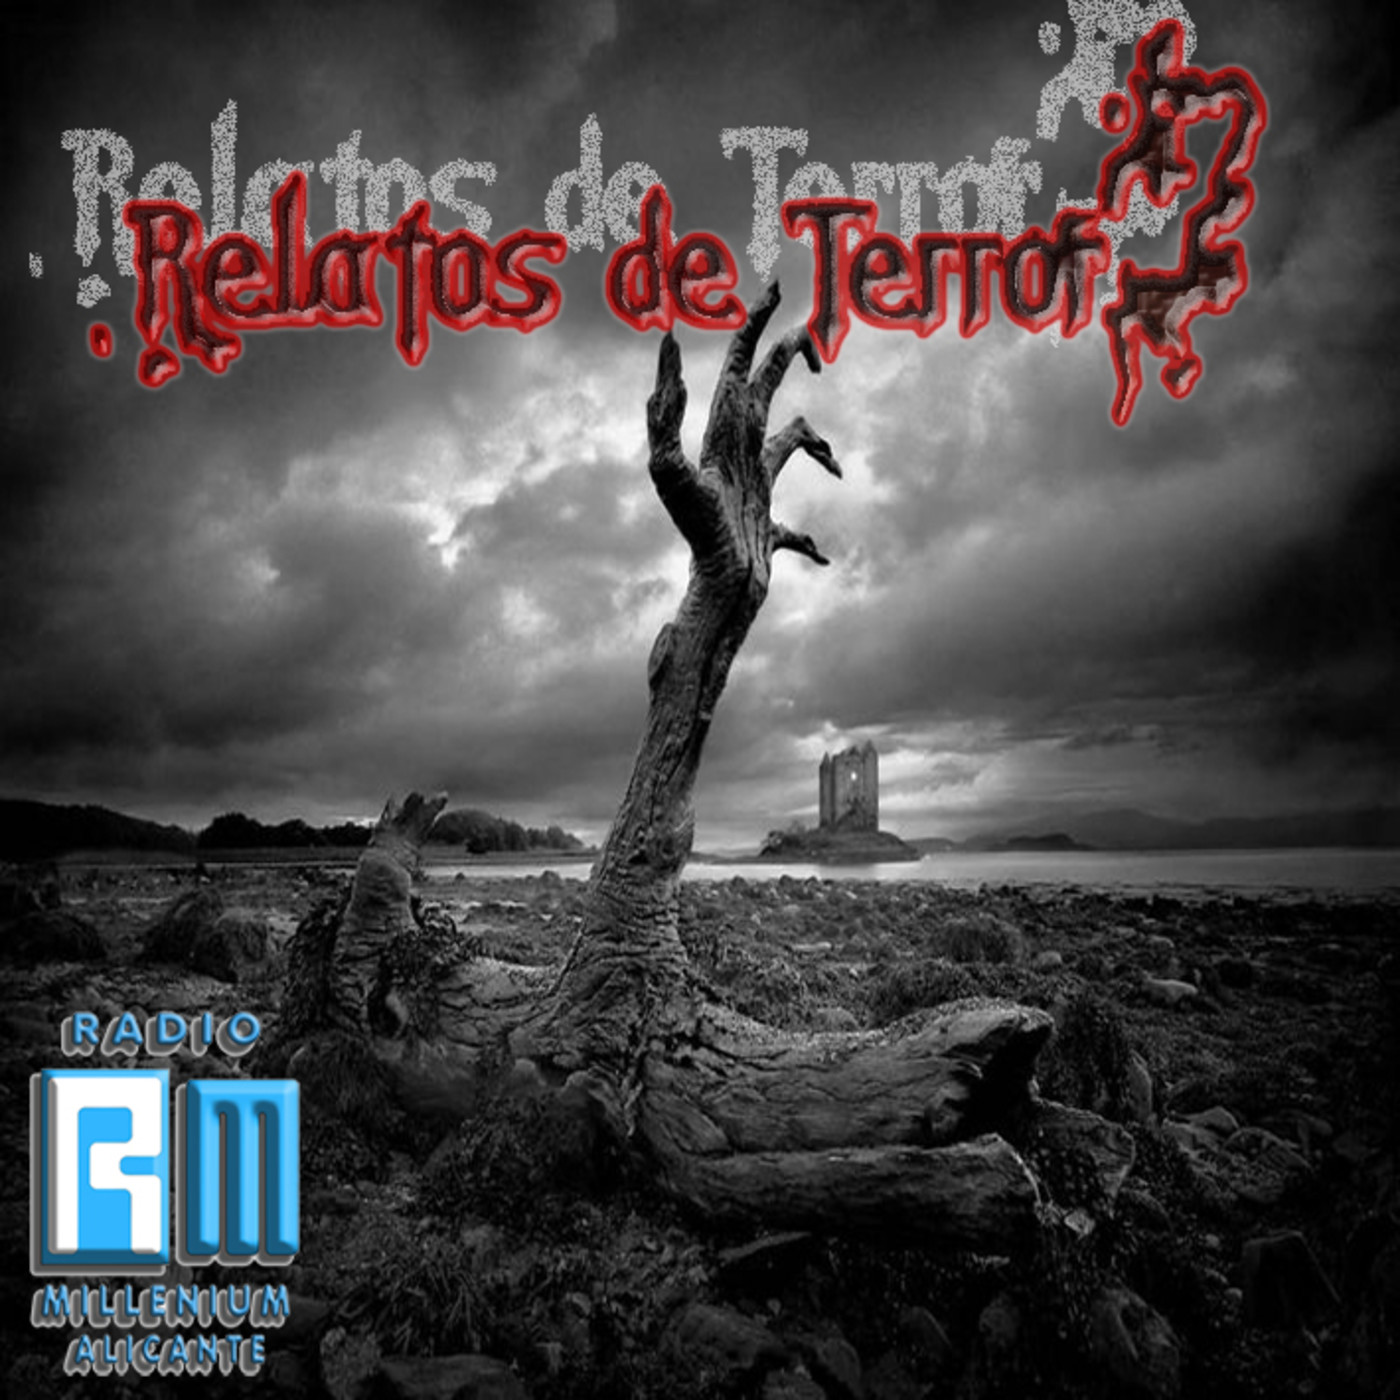 Relatos De Terror Una Hora De Relatos De Horror 7 En Relatos